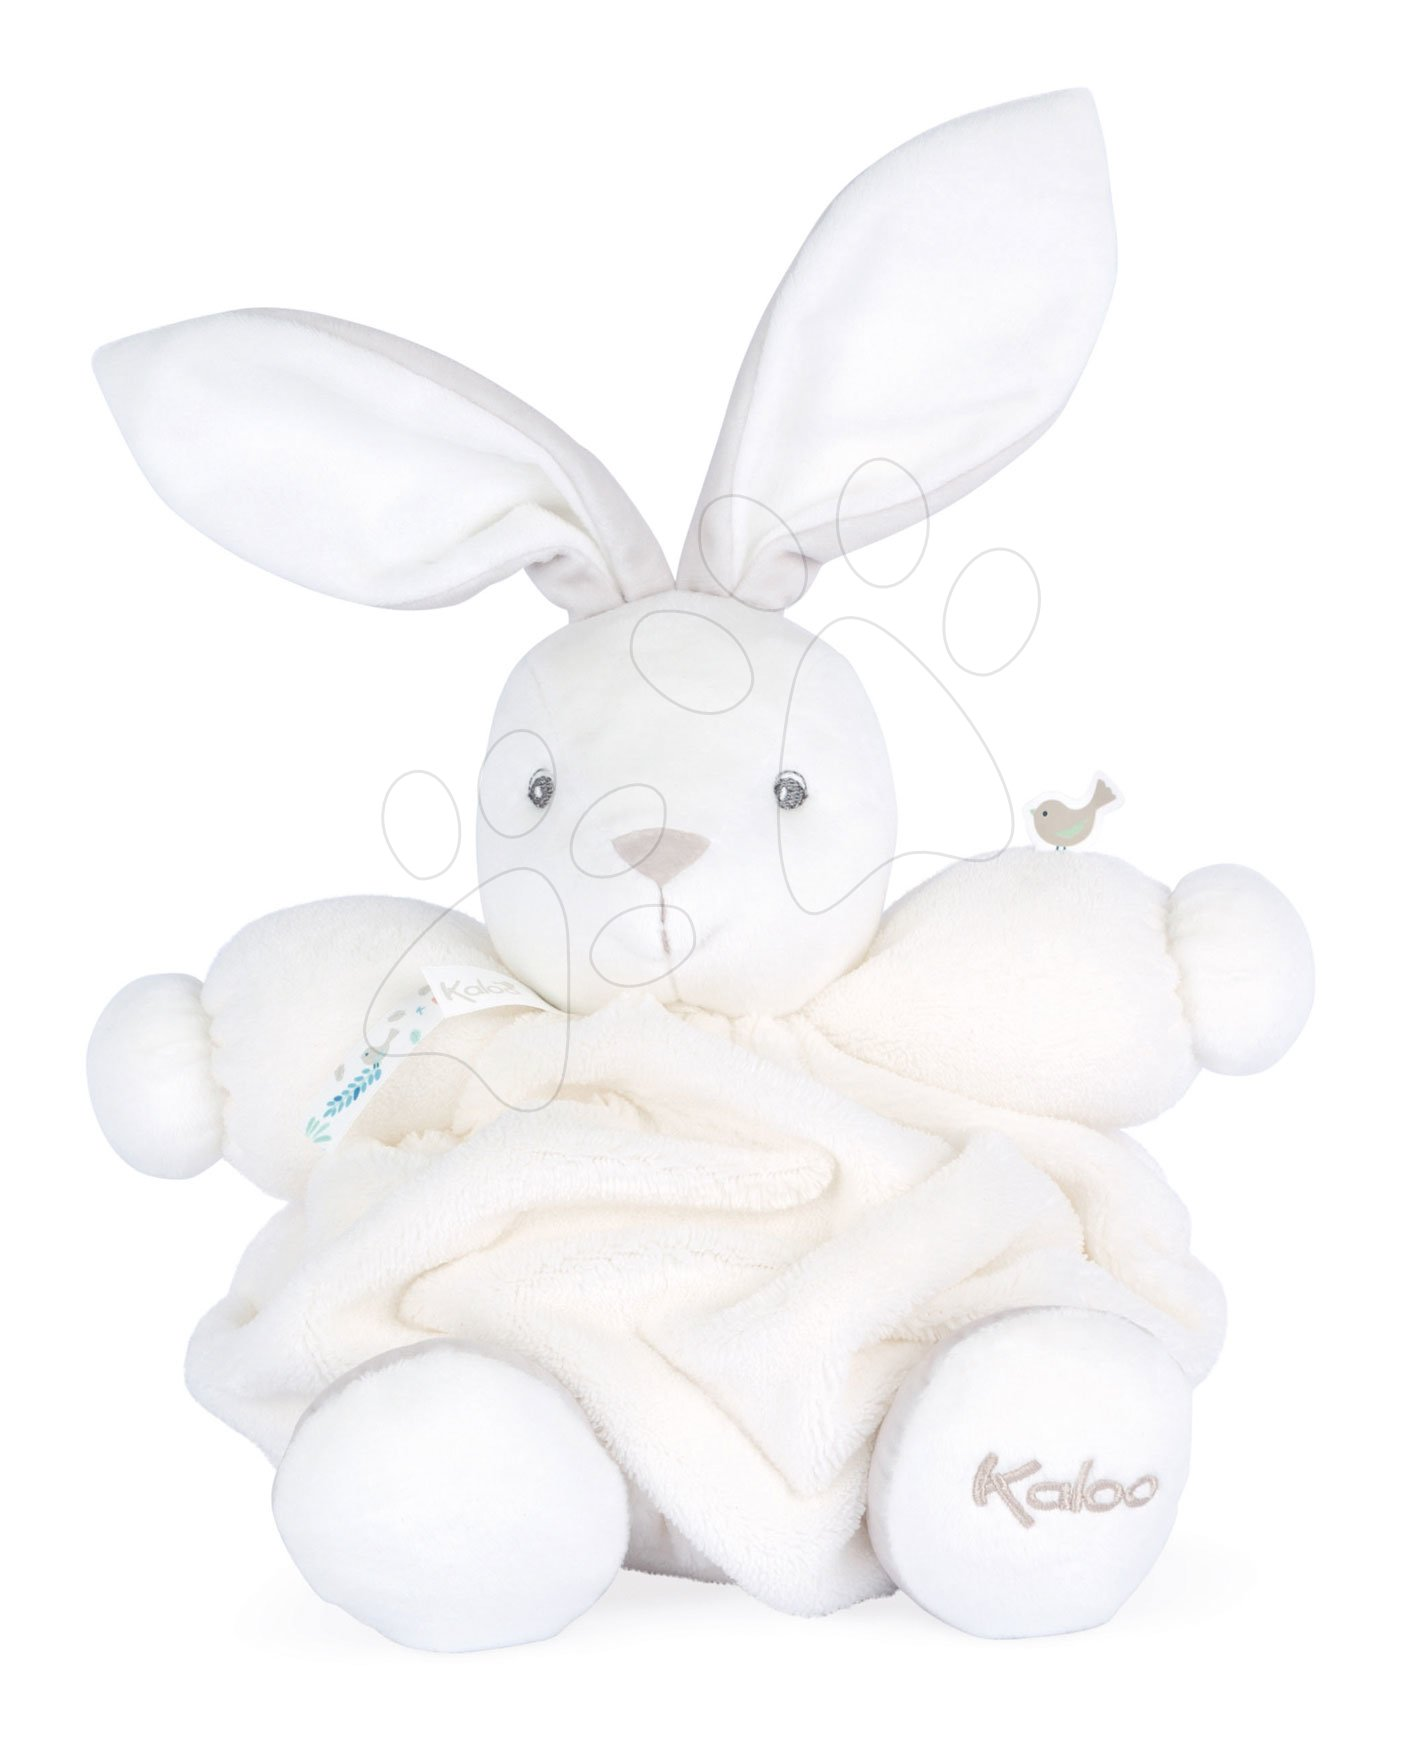 Plyšový zajíček Chubby Rabbit Ivory Plume Kaloo bílý 25 cm z jemného měkkého materiálu v dárkovém balení od 0 měsíců